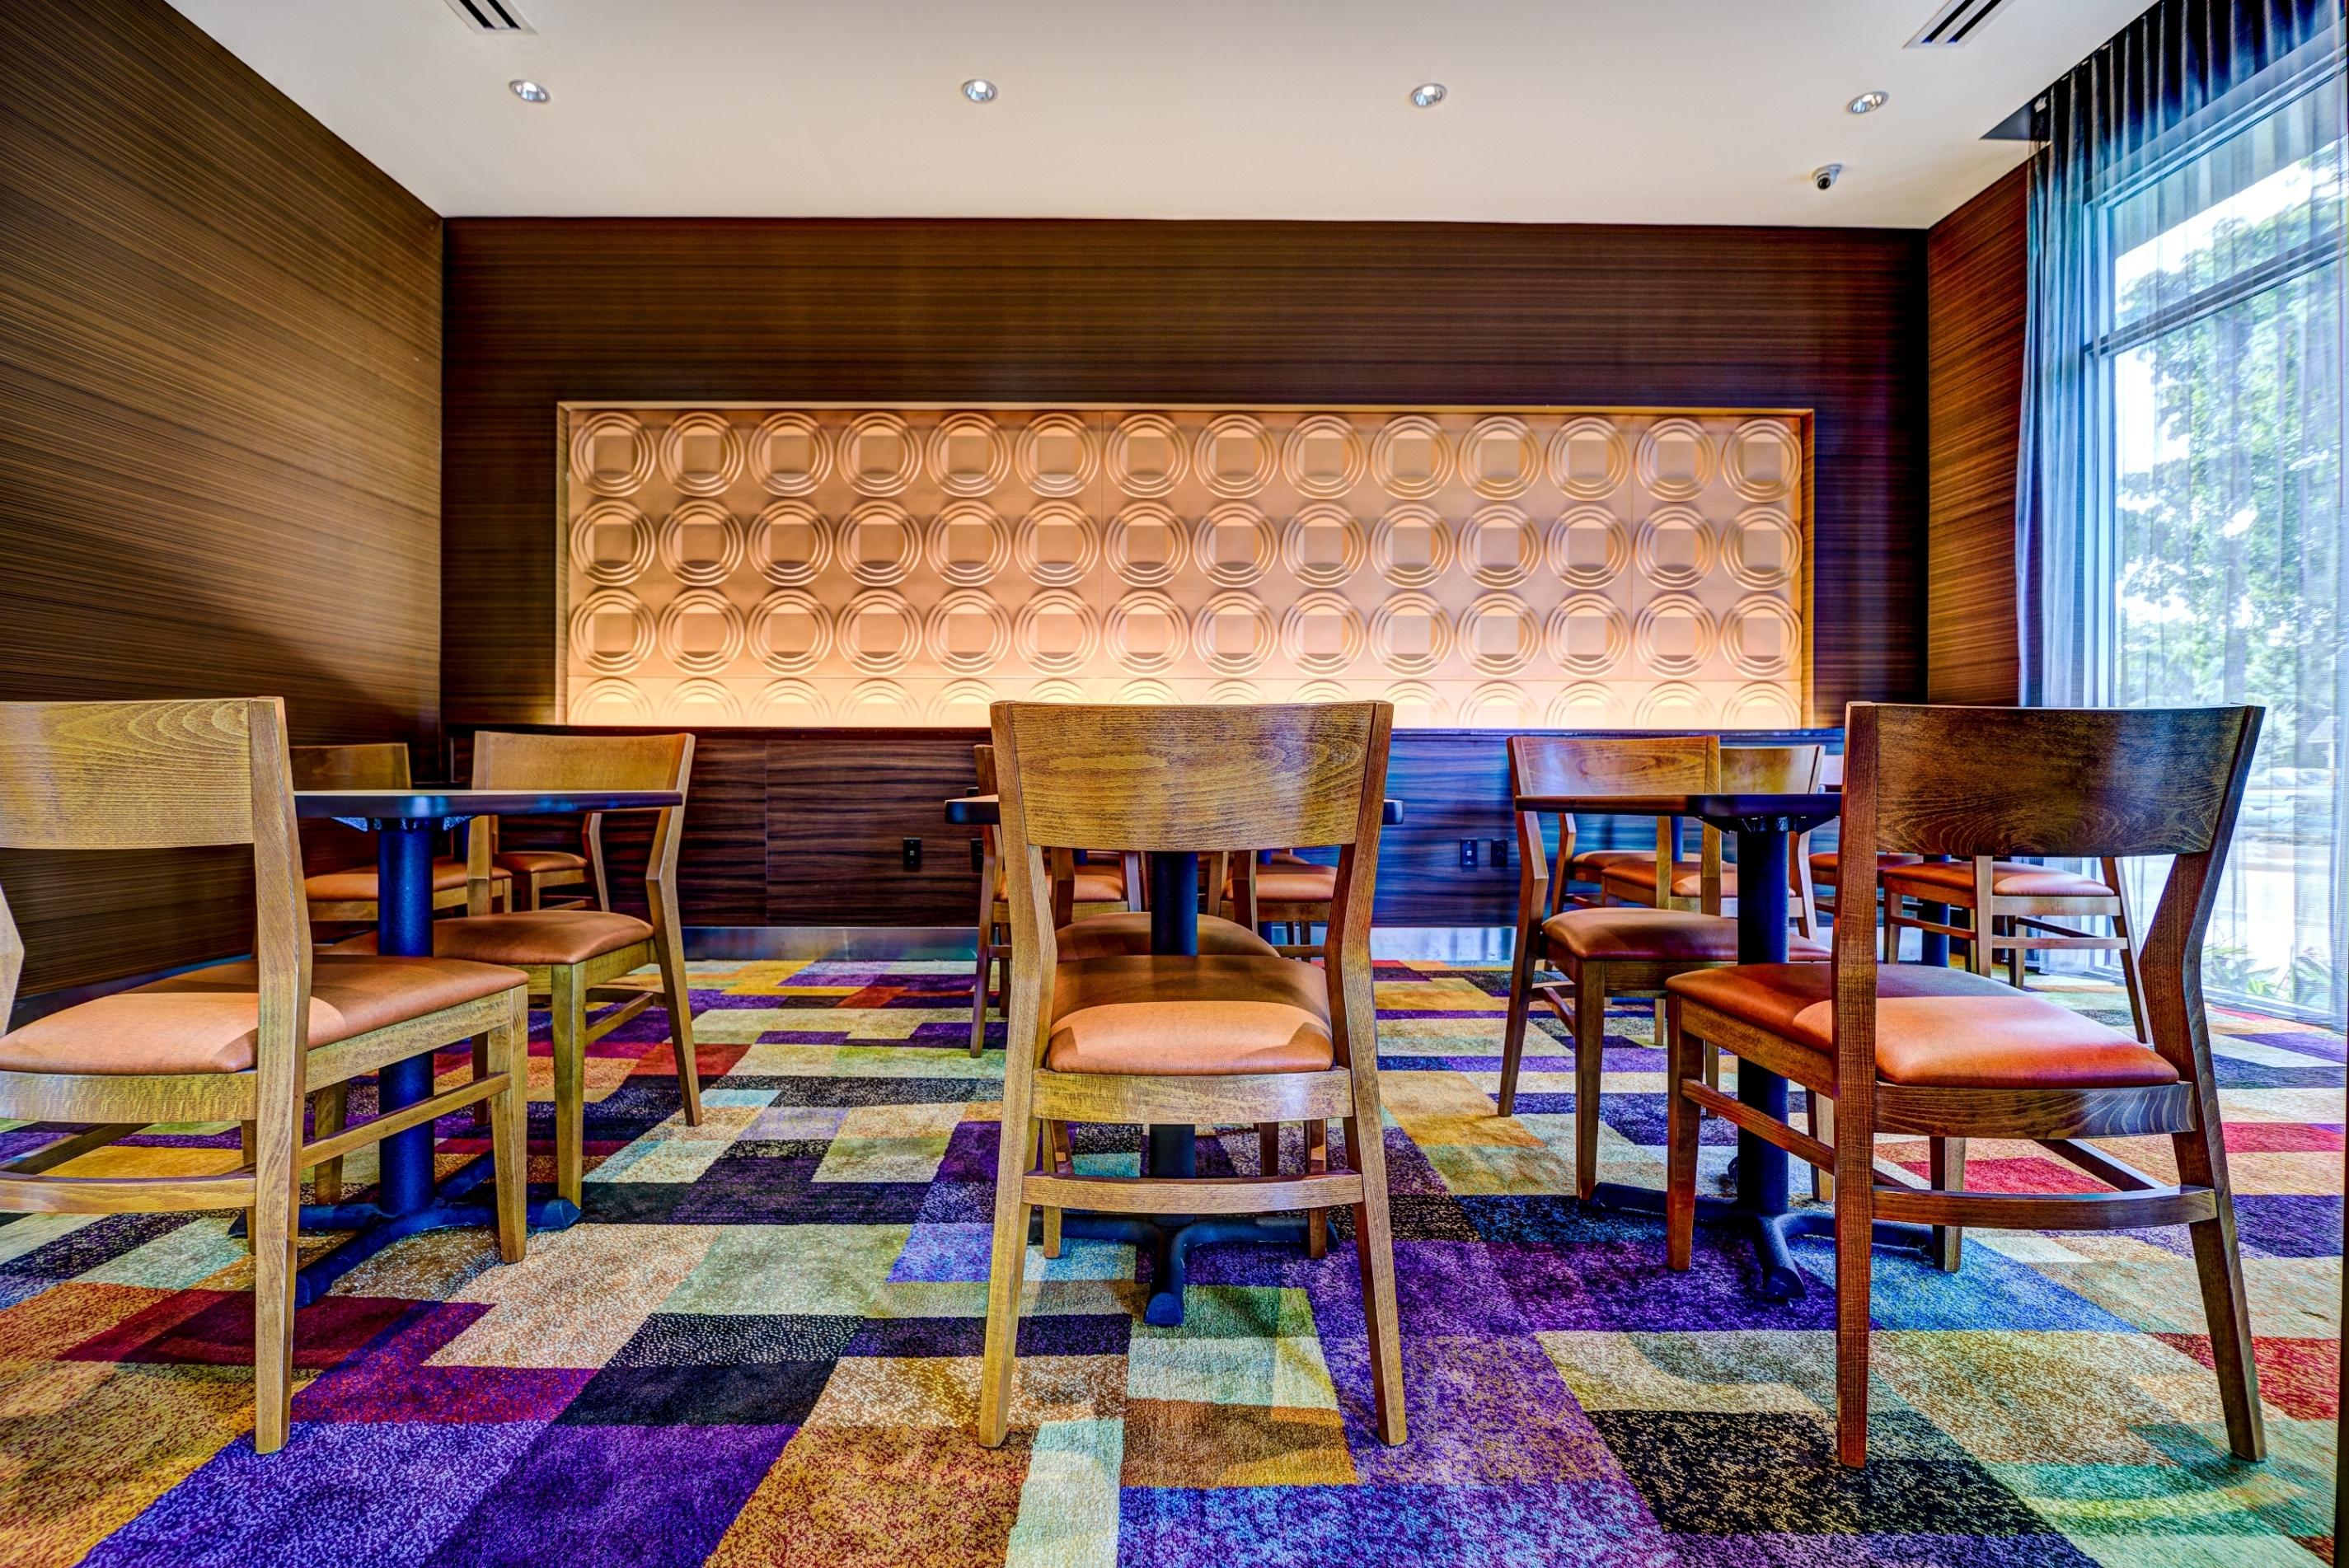 Fairfield Inn & Suites by Marriott Delray Beach I-95 image 7